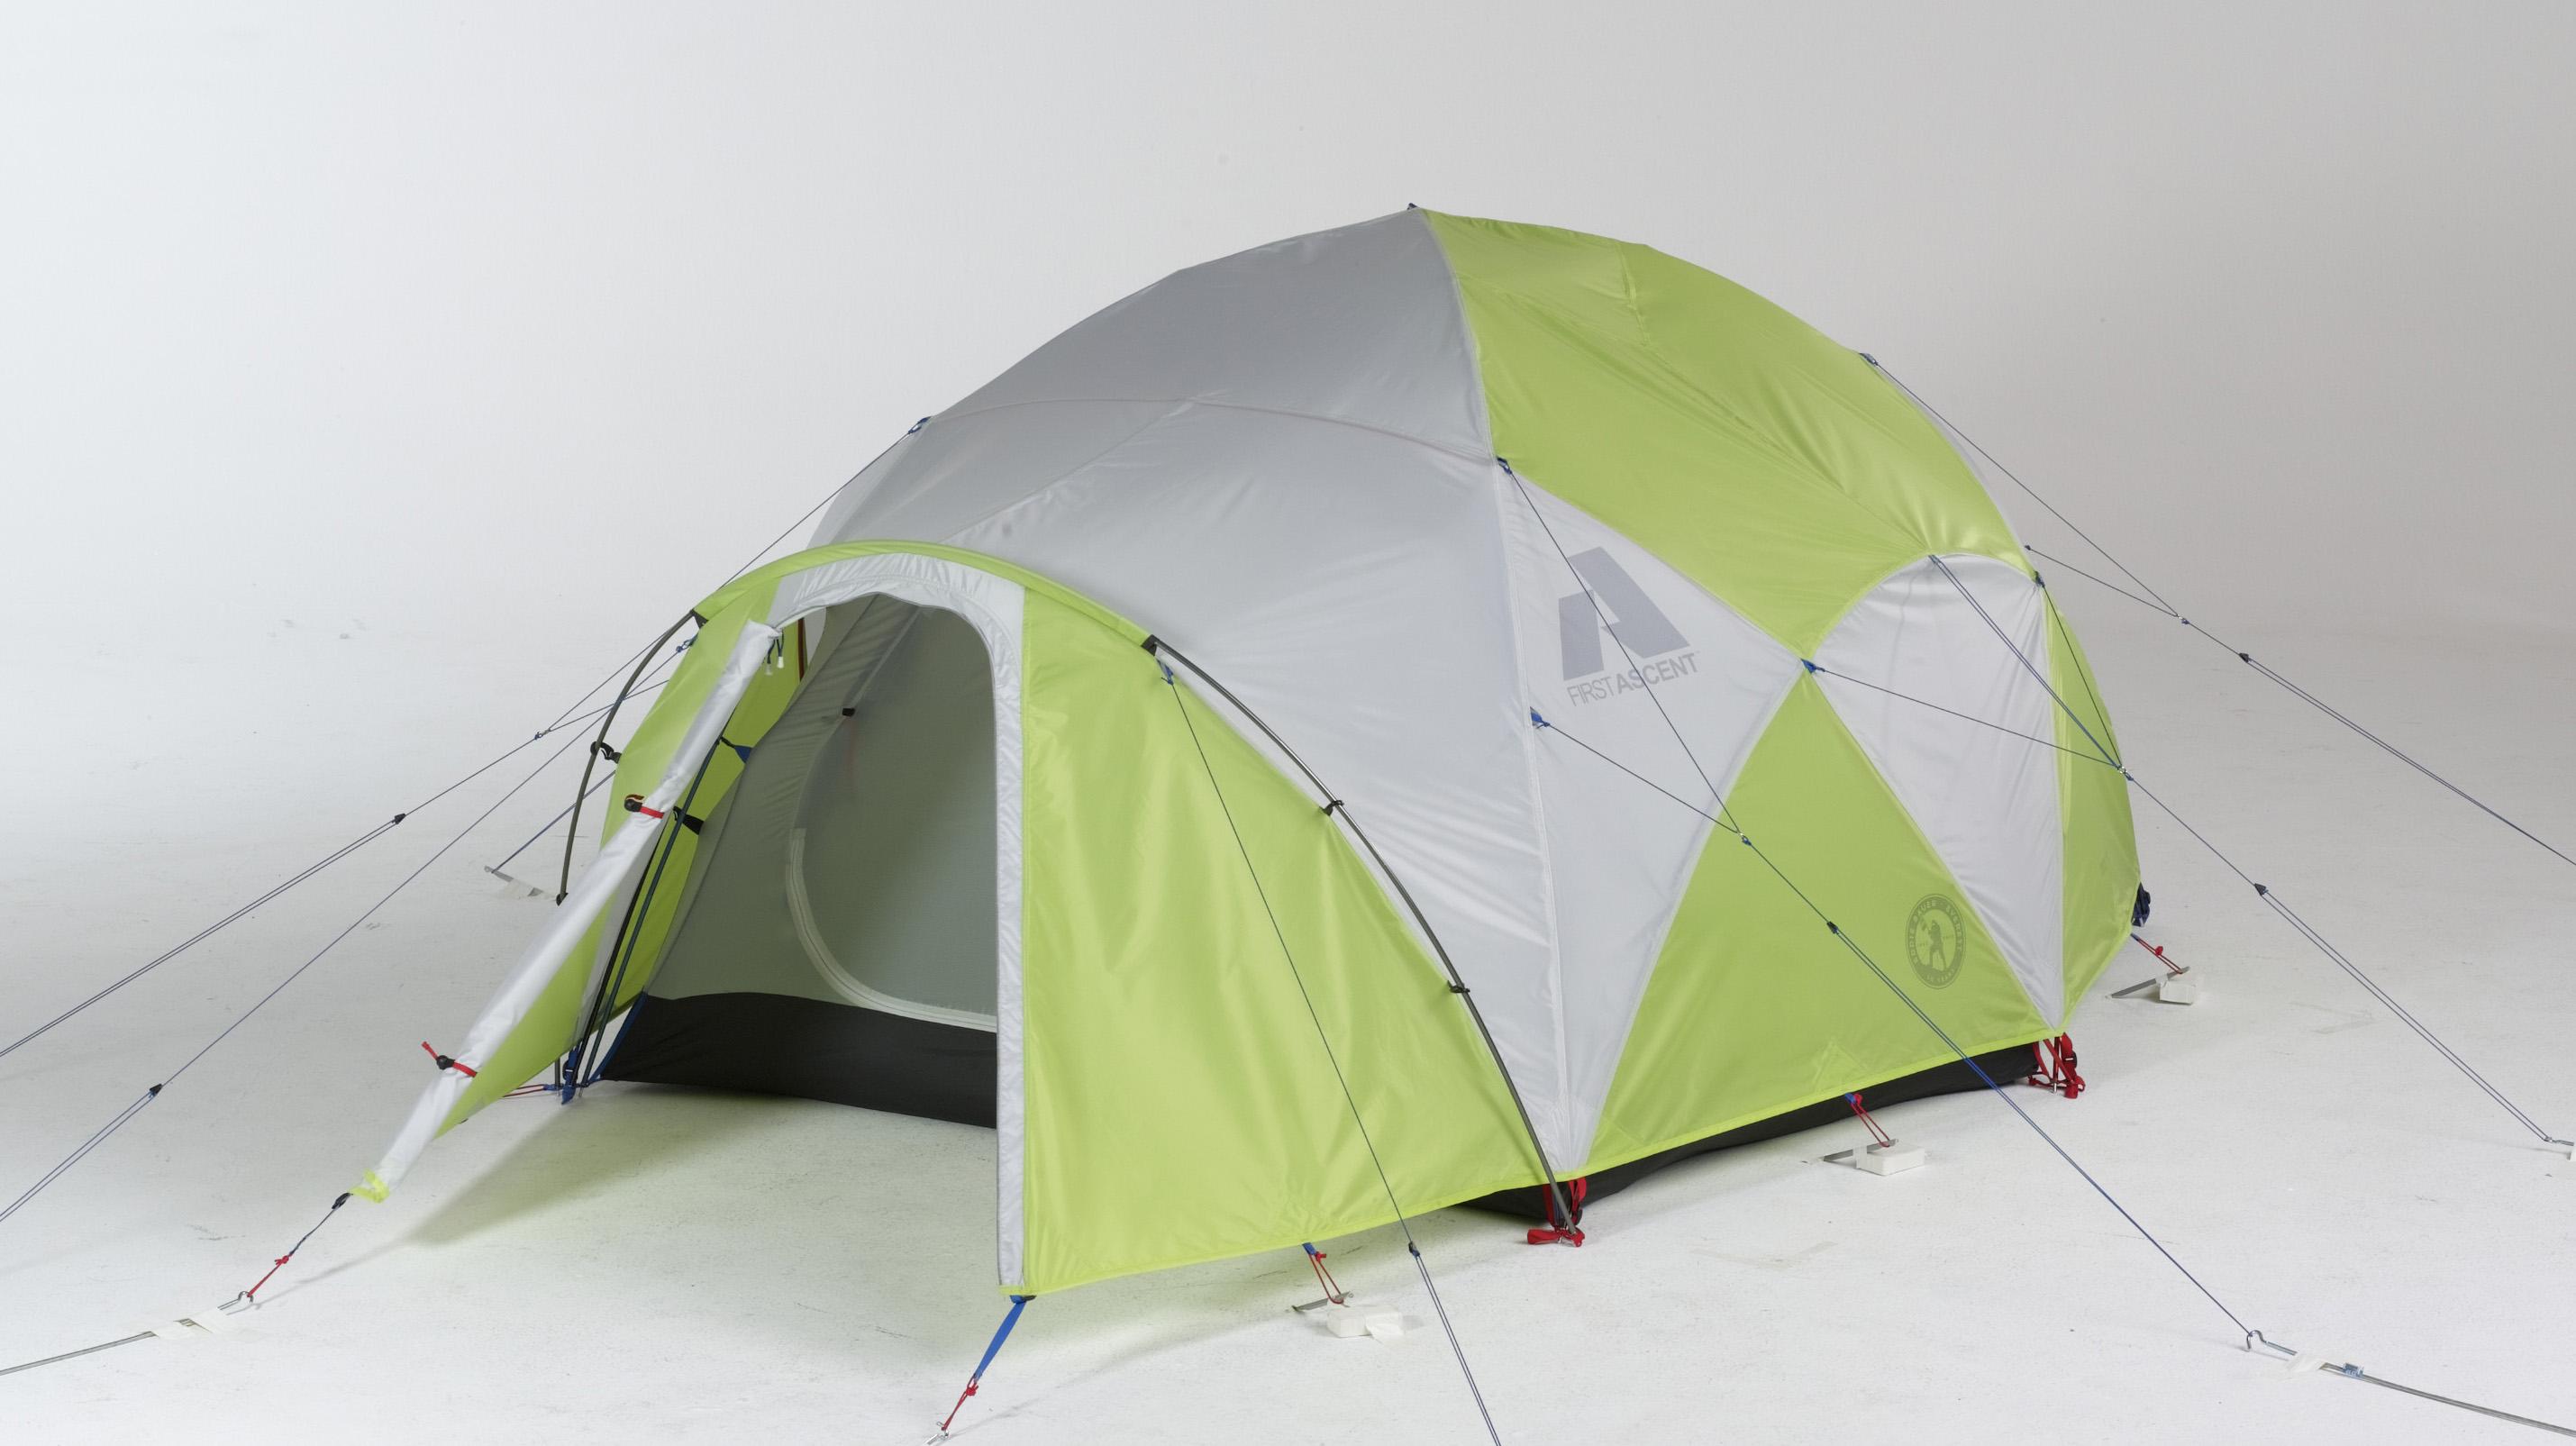 Katabatic Tent